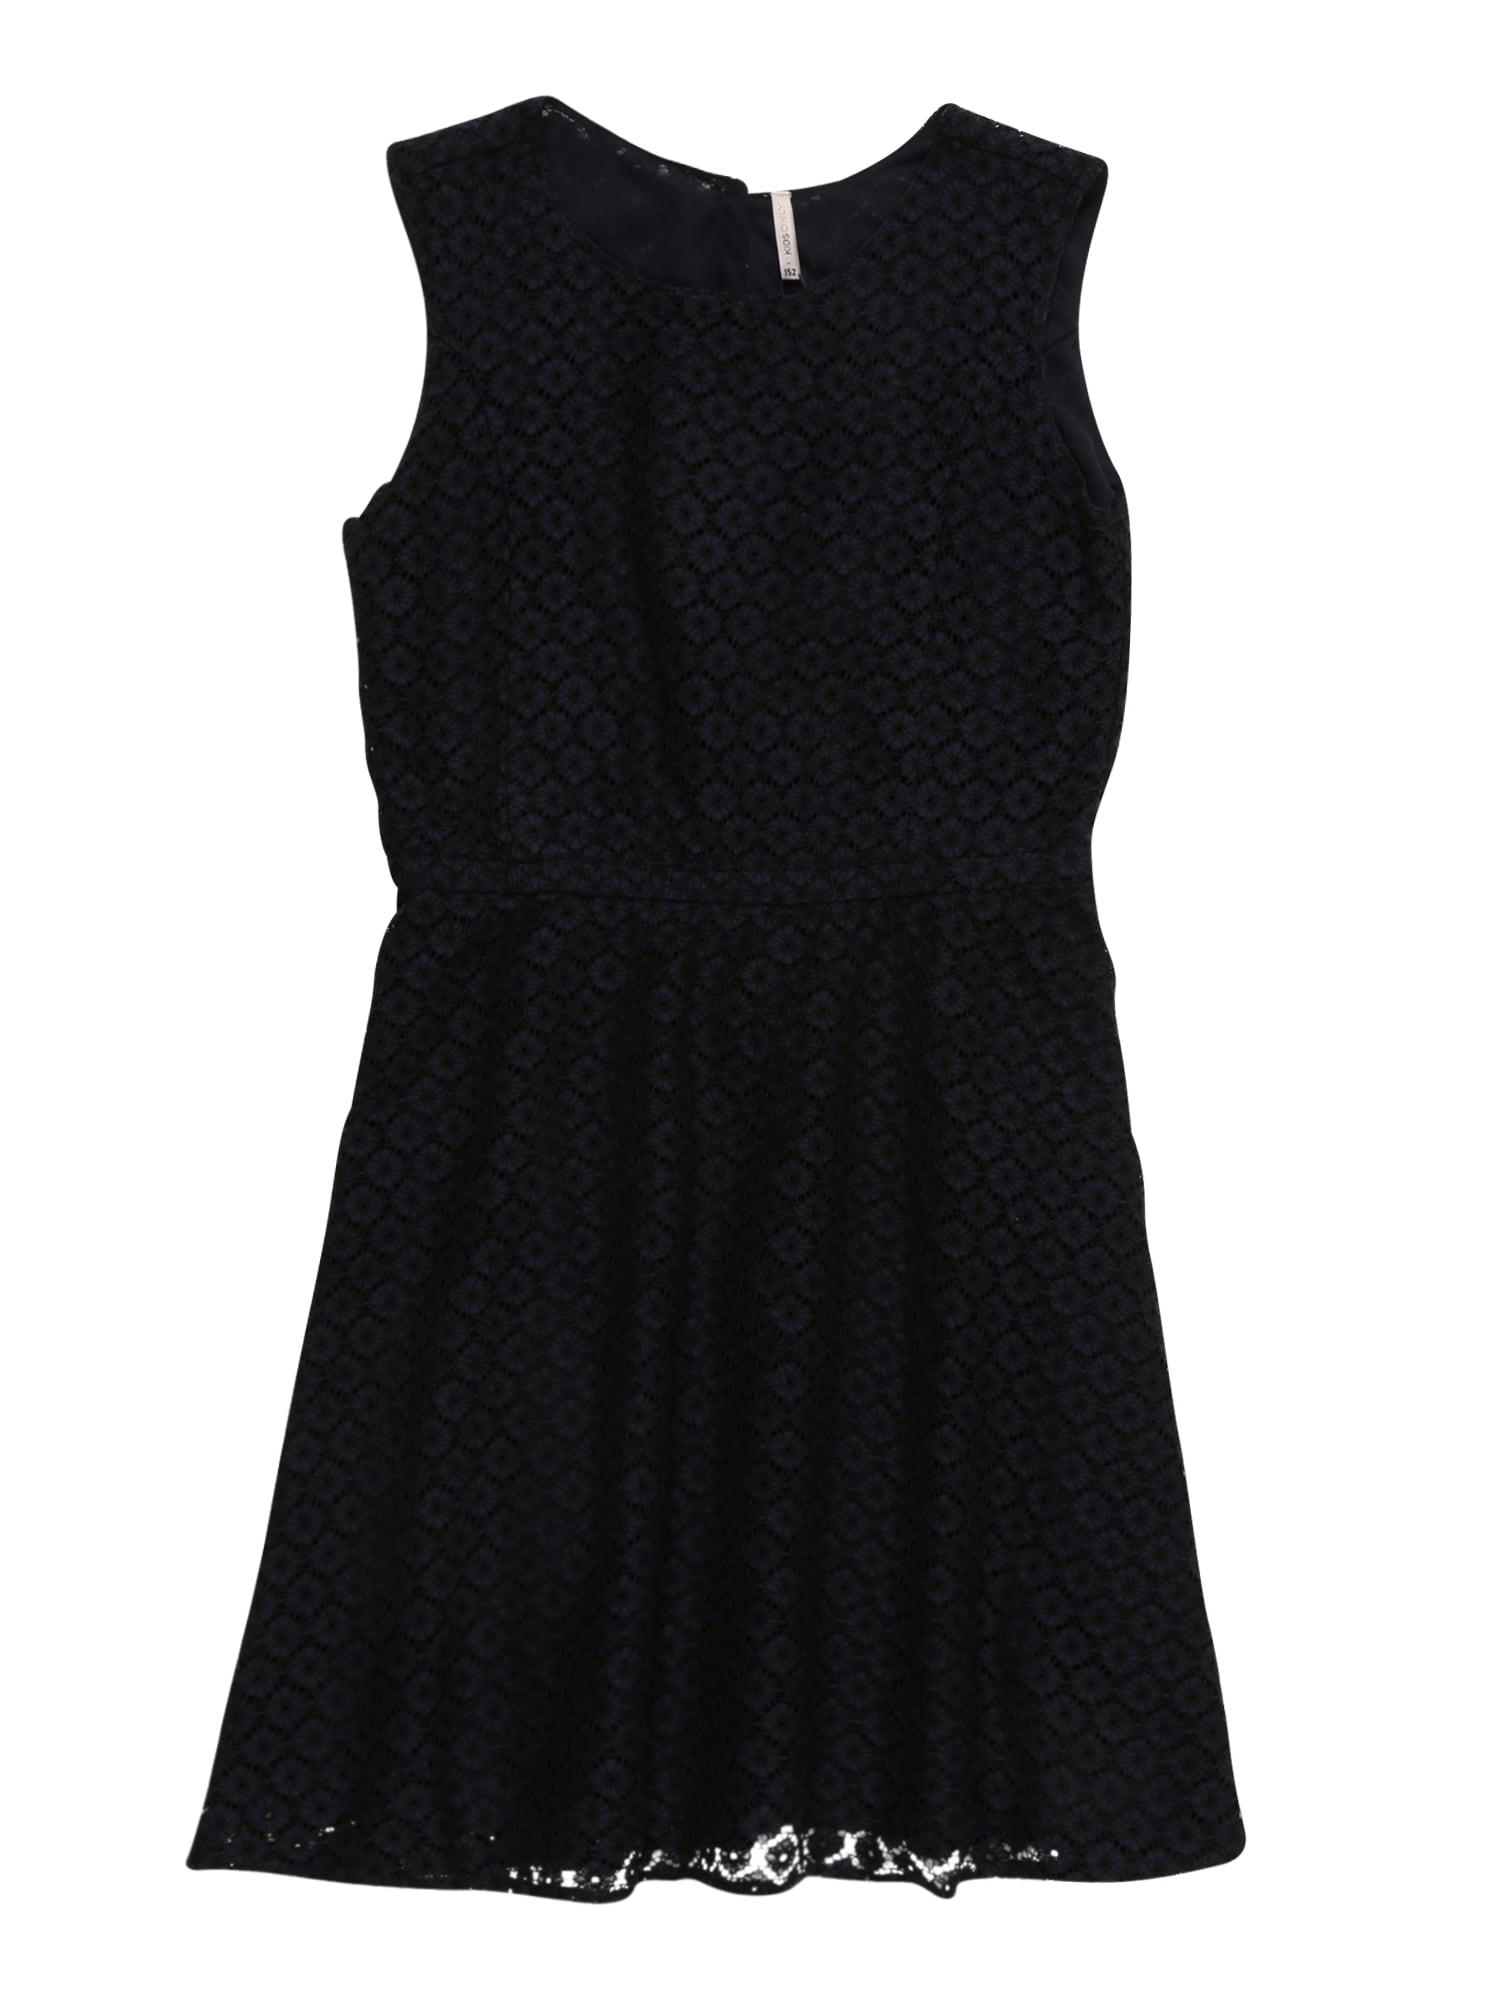 Šaty konLINE SL ABOVE KNEE DRESS WVN černá KIDS ONLY